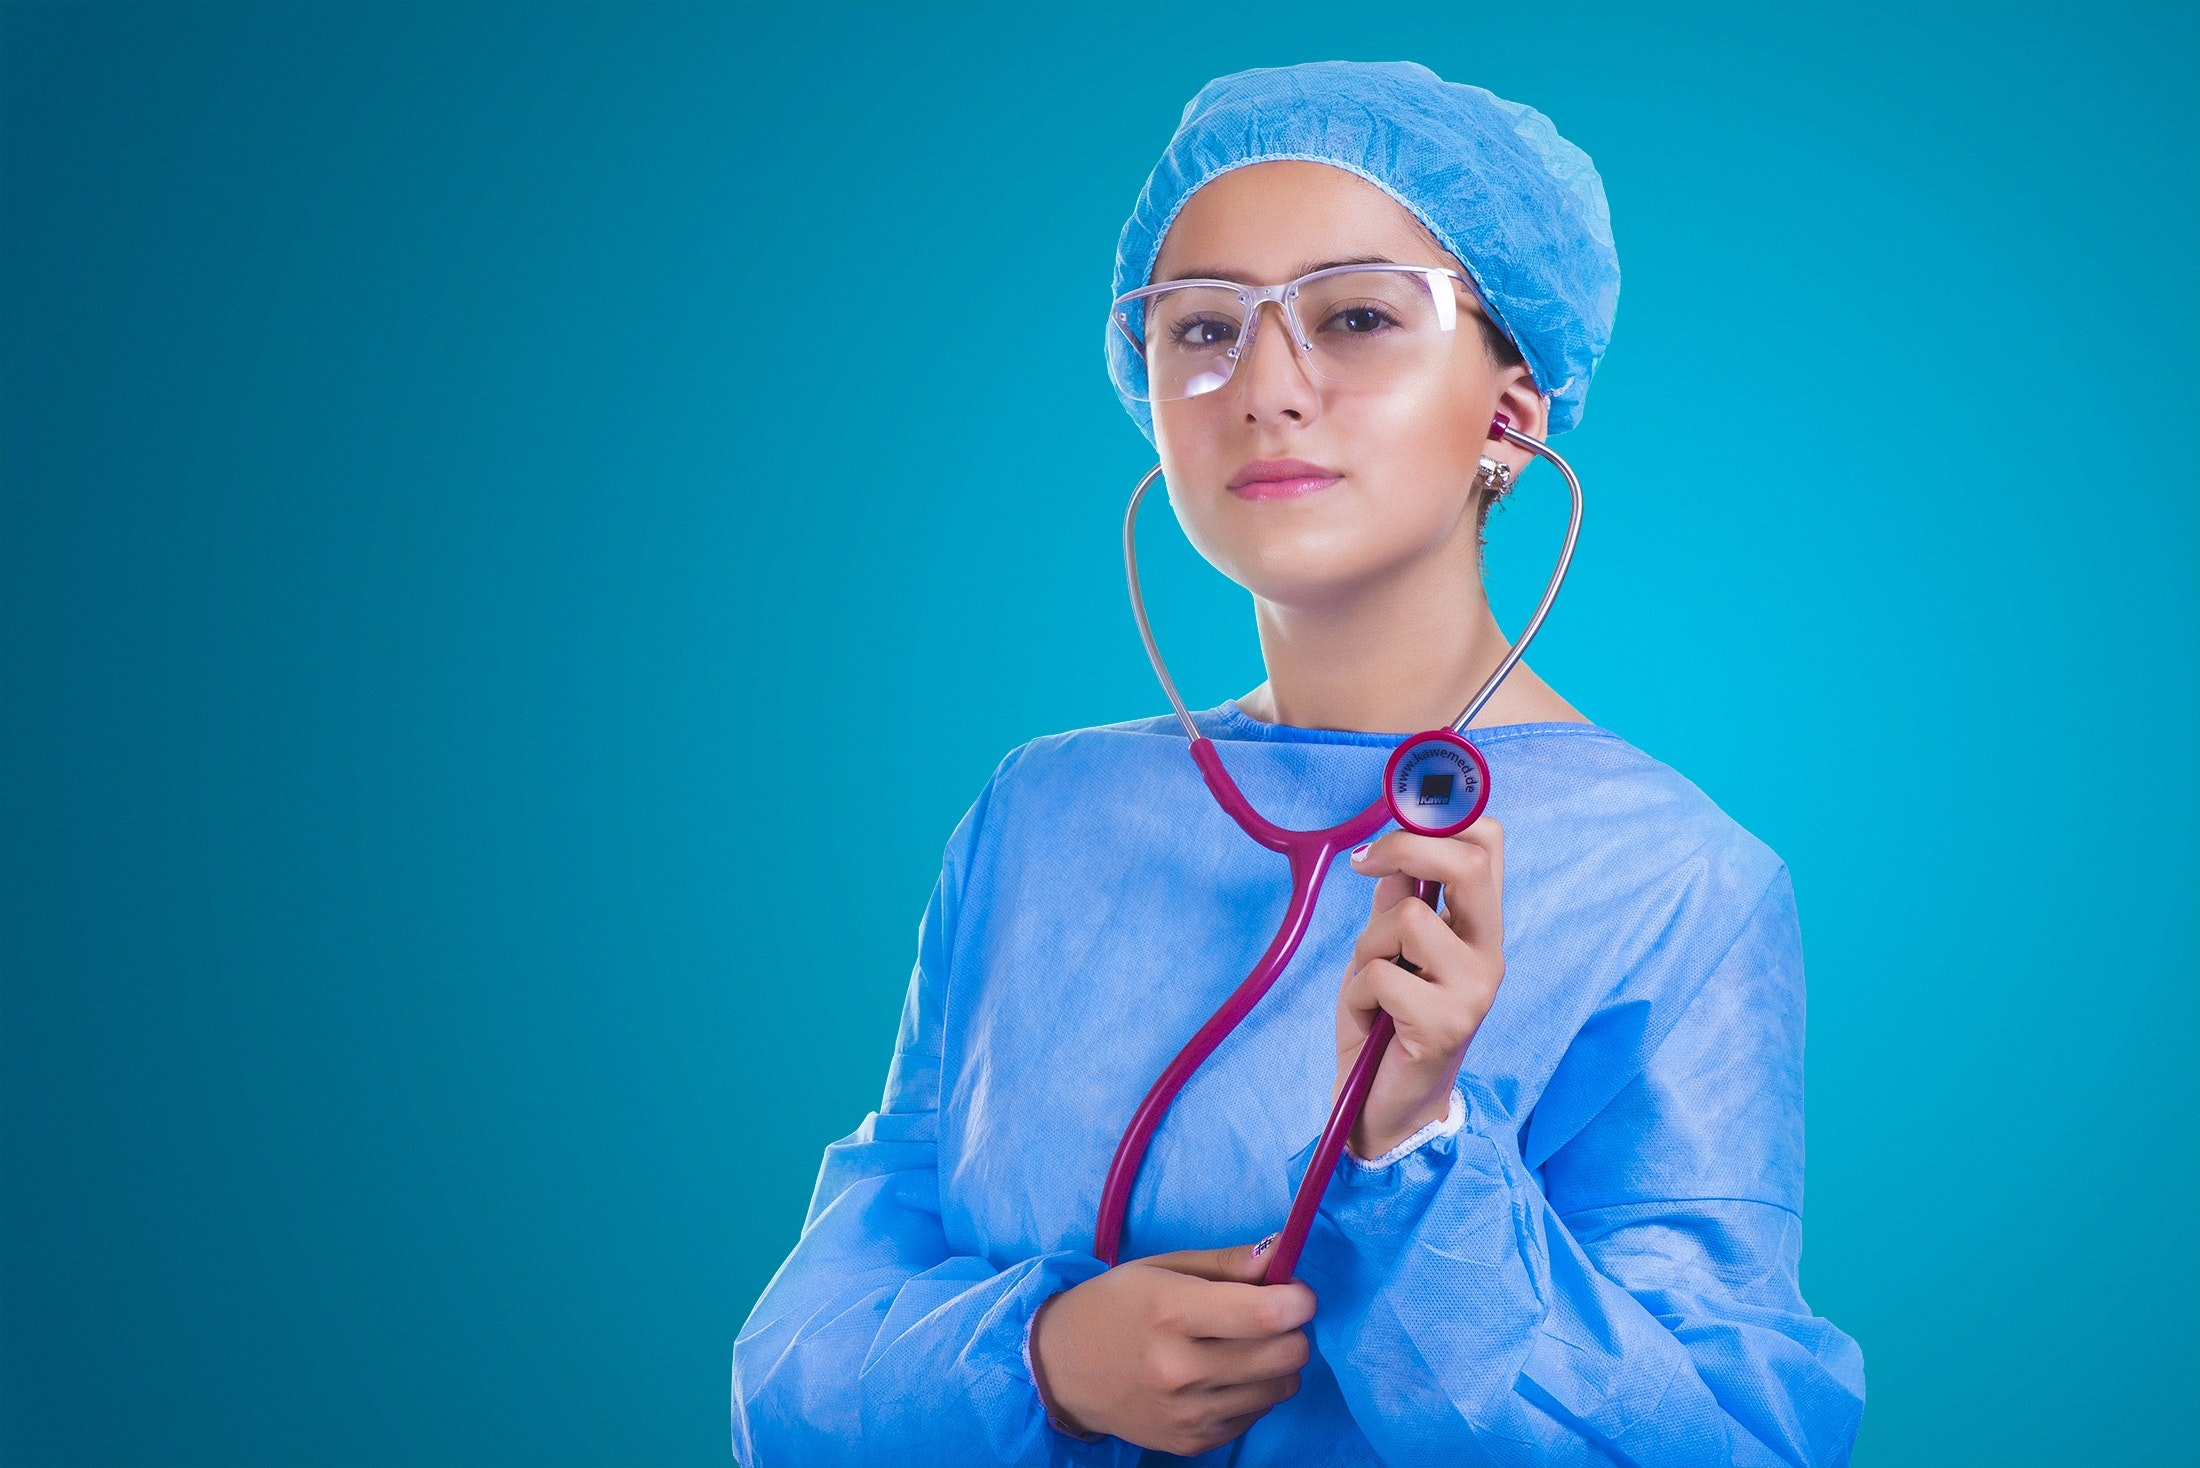 干货:十个医院营销手段